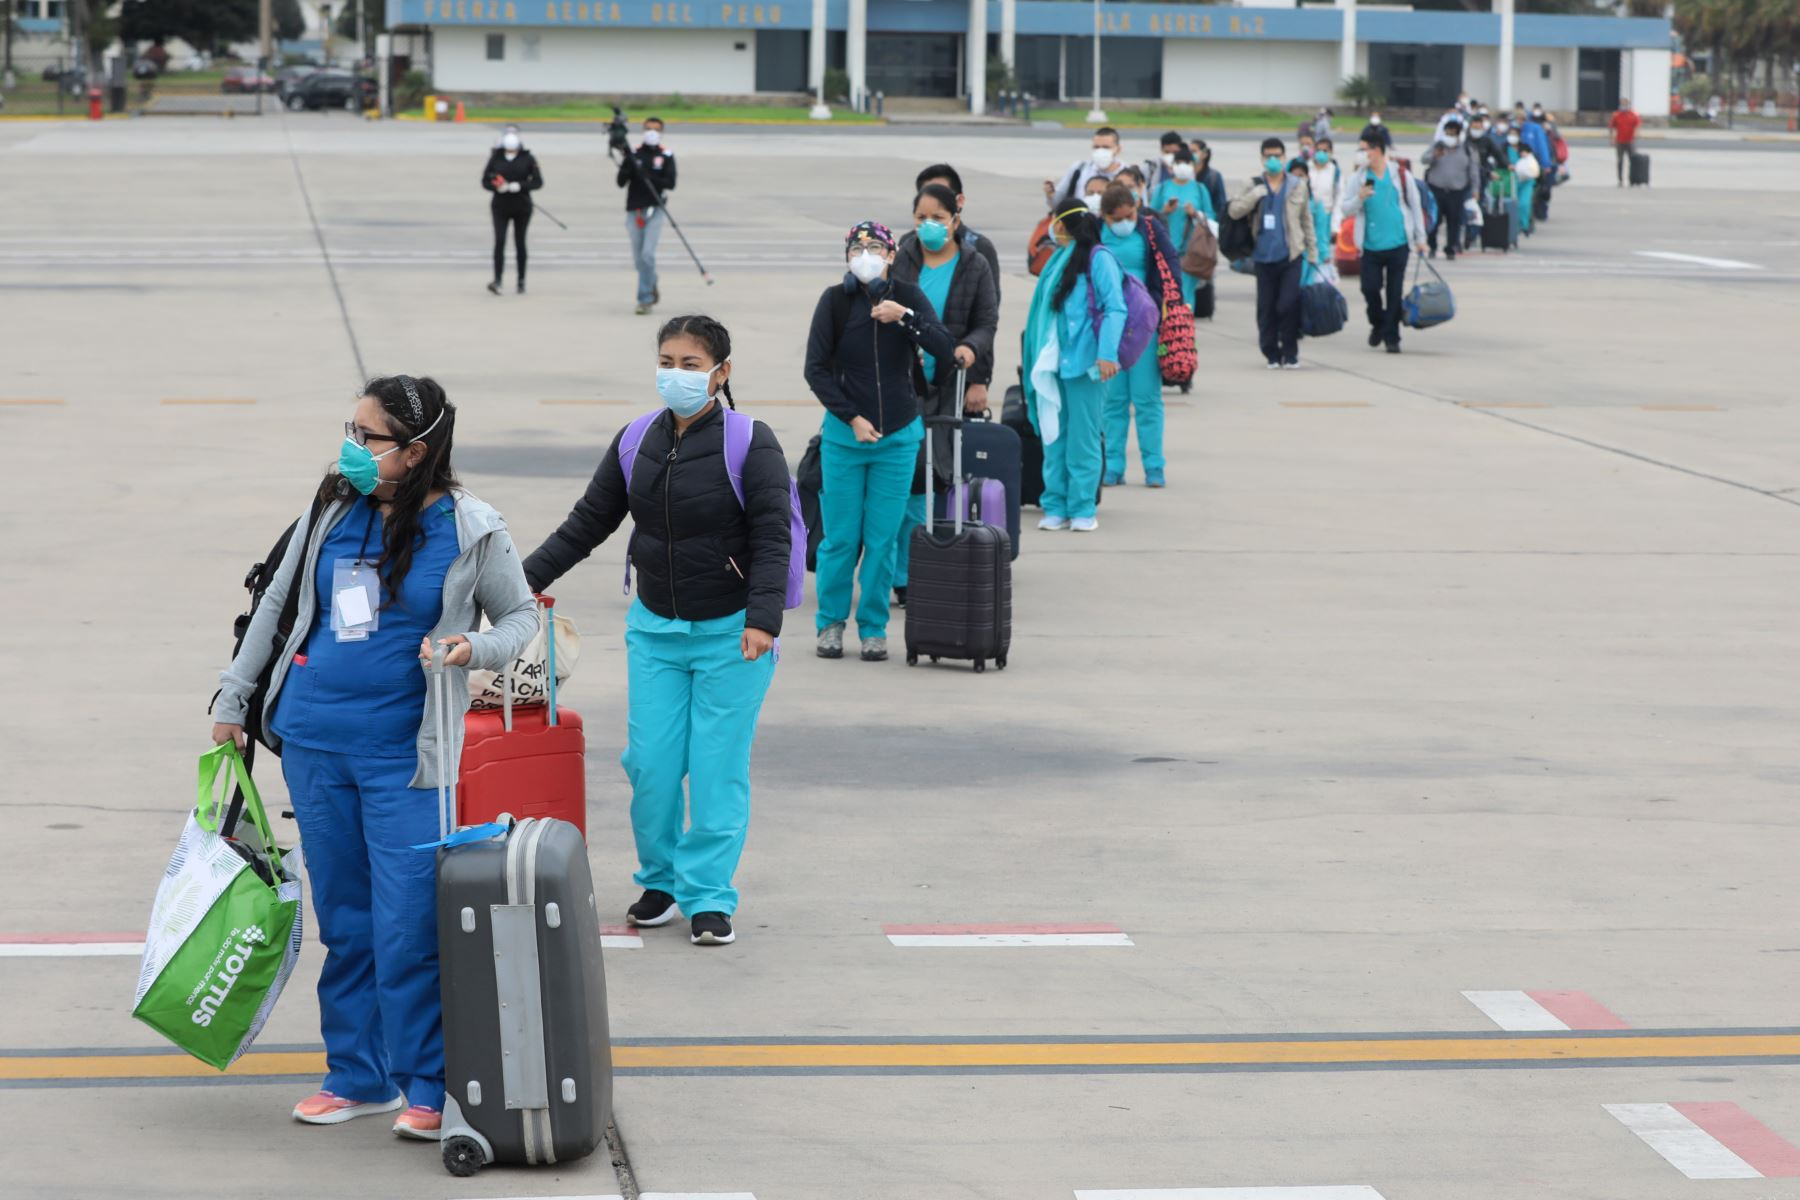 """Hoy partieron nuevamente 37 profesionales de la salud a Iquitos. Ellos conforman la primera brigada que abrió el """"hospital blanco"""" con lo cual su regreso completa un ciclo de gestión y una dinámica que busca la estabilidad en la atención al paciente. Foto: ANDINA/ EsSalud"""